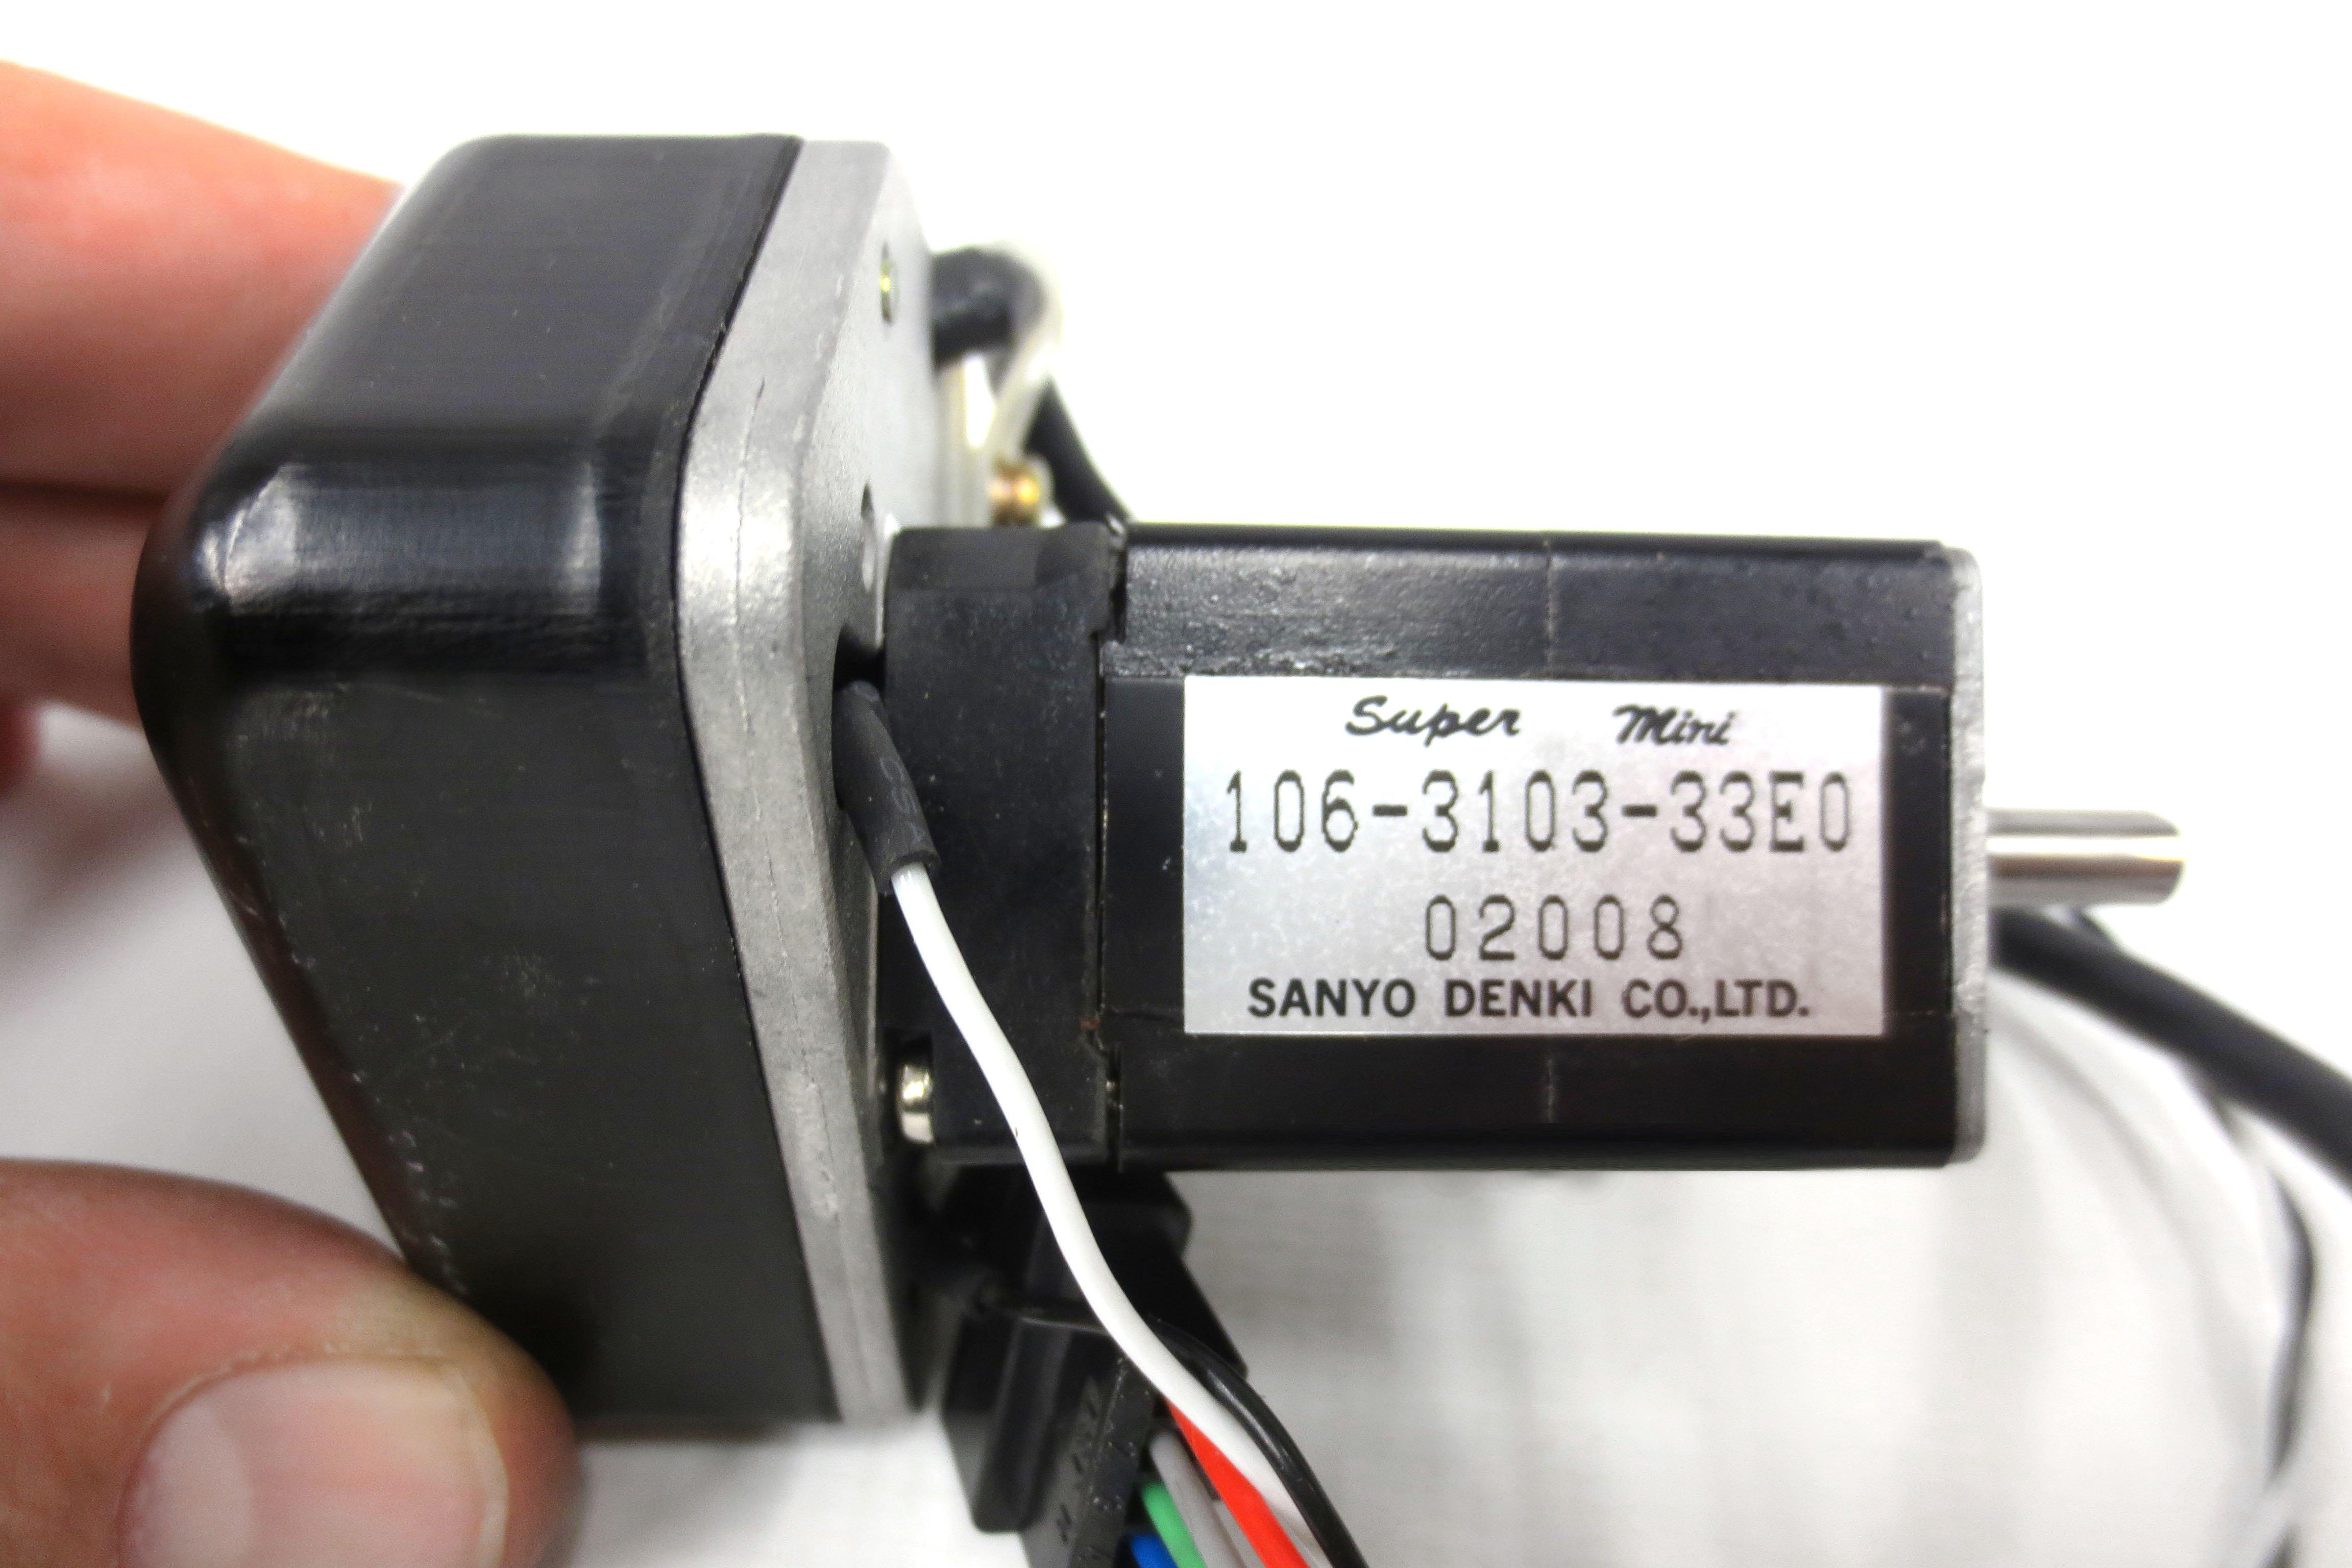 New Sanyo Denki Super Mini Servo Motor Type 106-3103-33E0